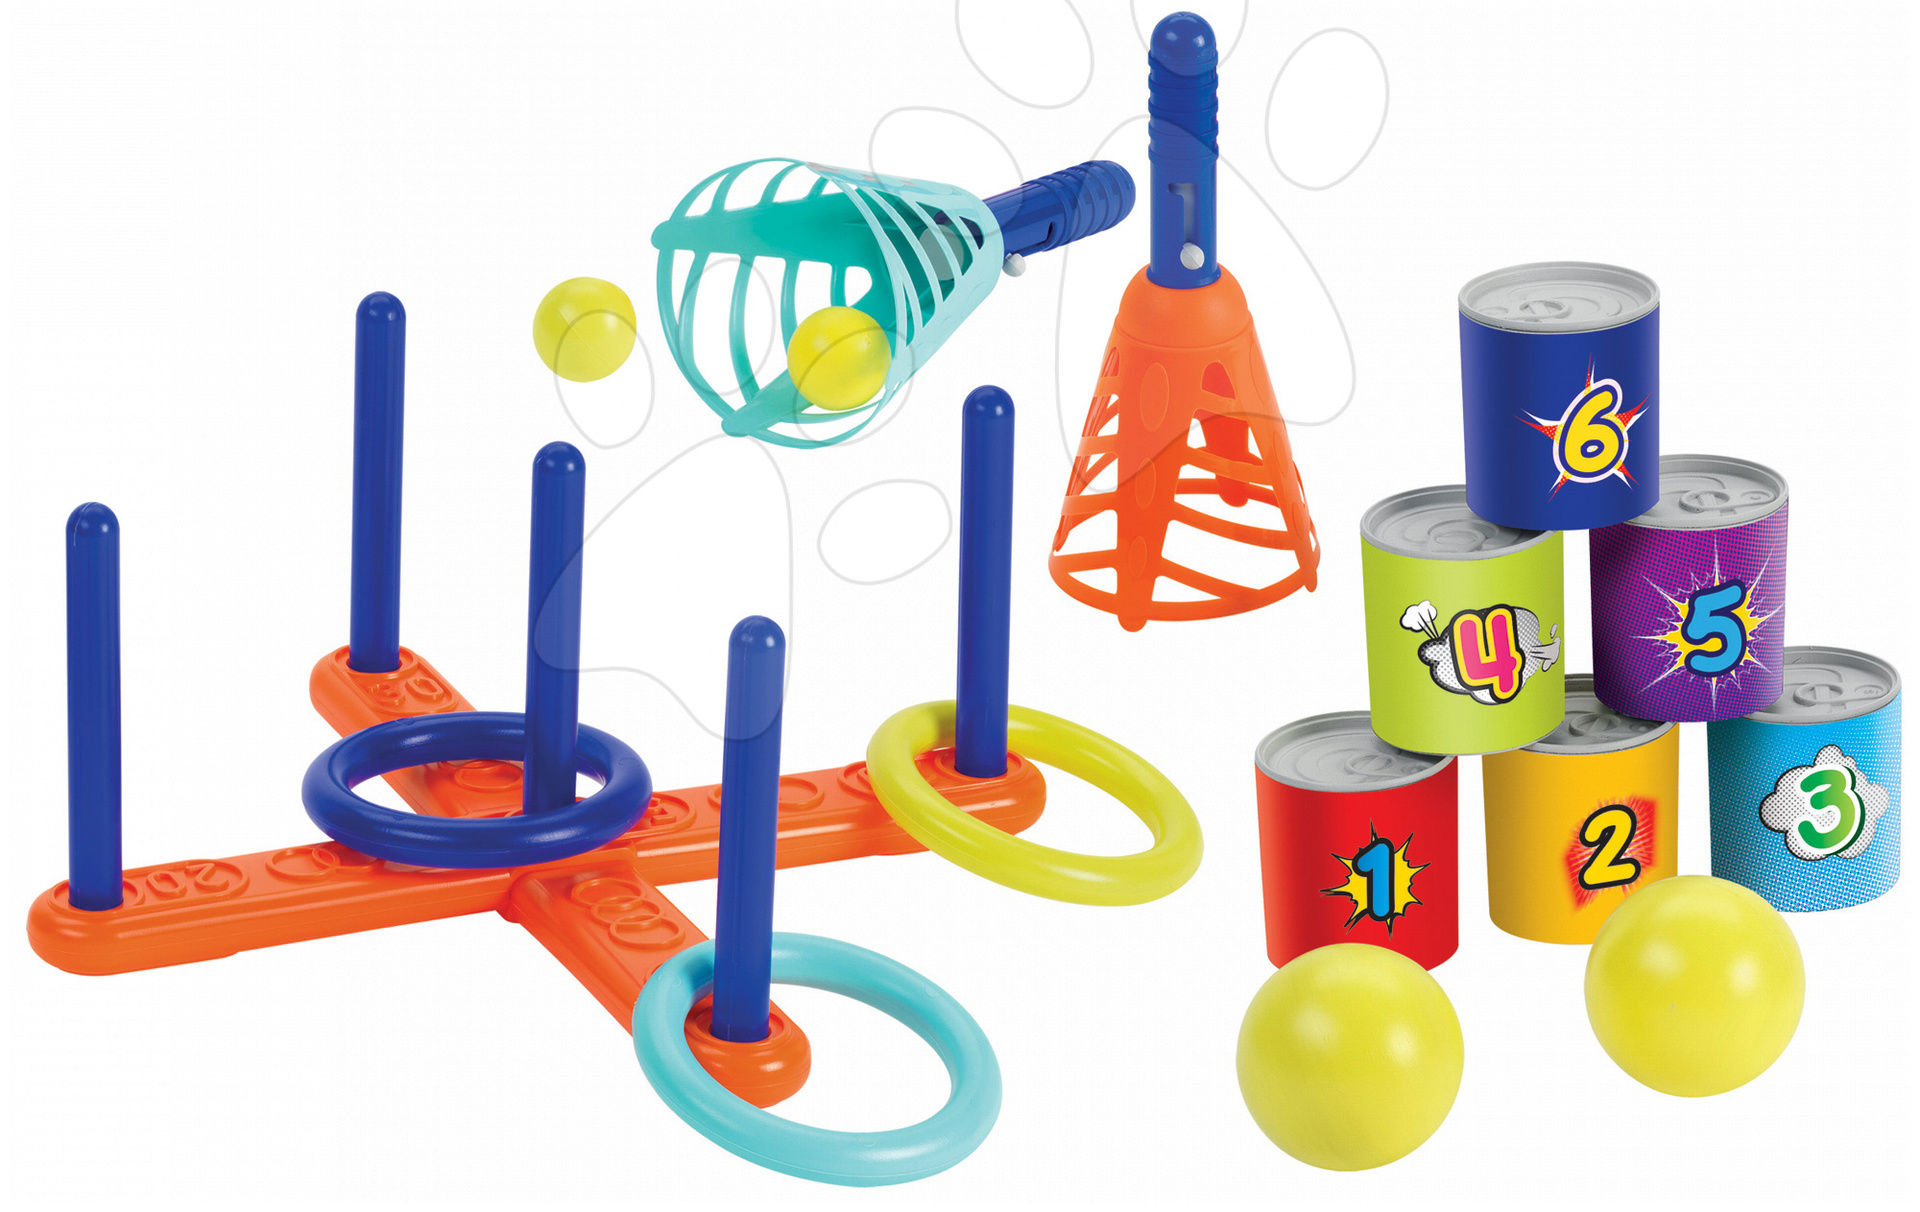 Sportjátékok a legkisebbeknek - Sport szett kertbe Sport 3in1 Écoiffier 3 fajta játék